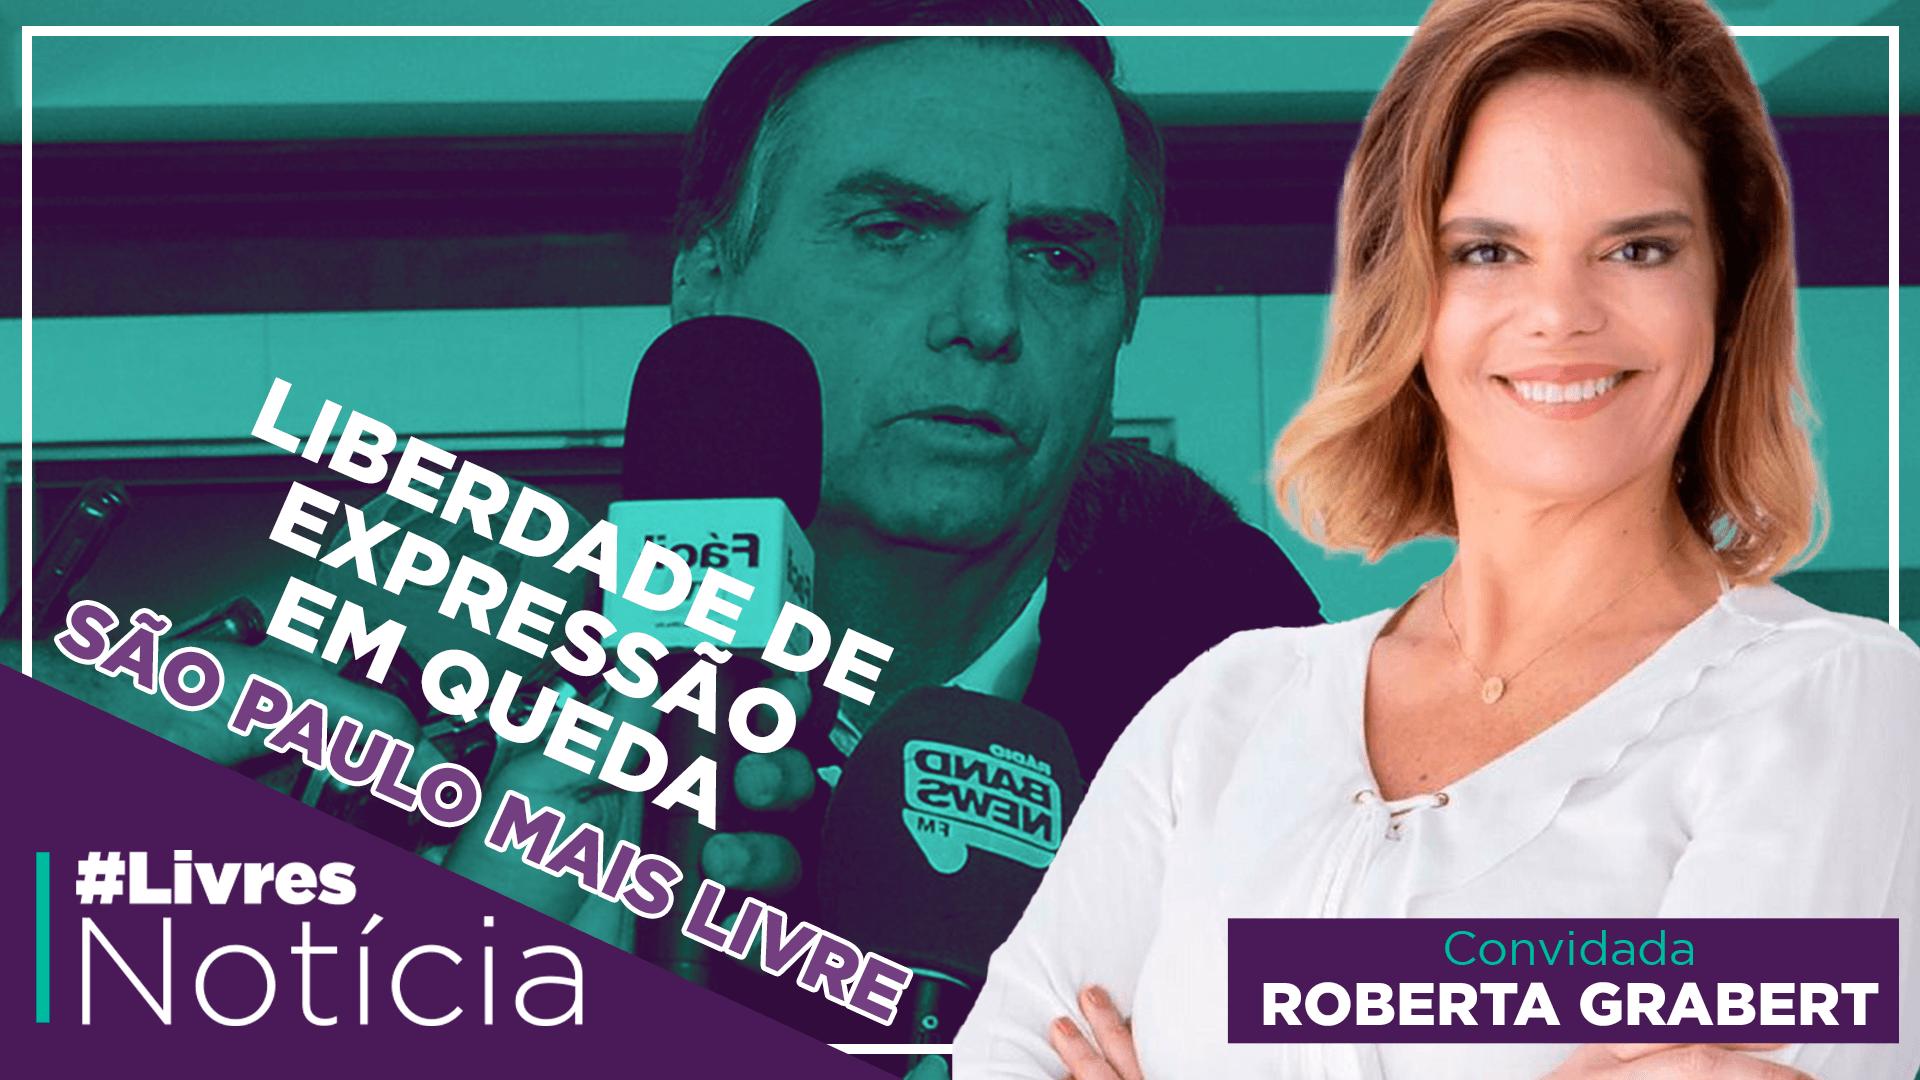 Livres entrevista a Líder Livres Roberta Grabert | LivresNotícia AO VIVO – 19/10